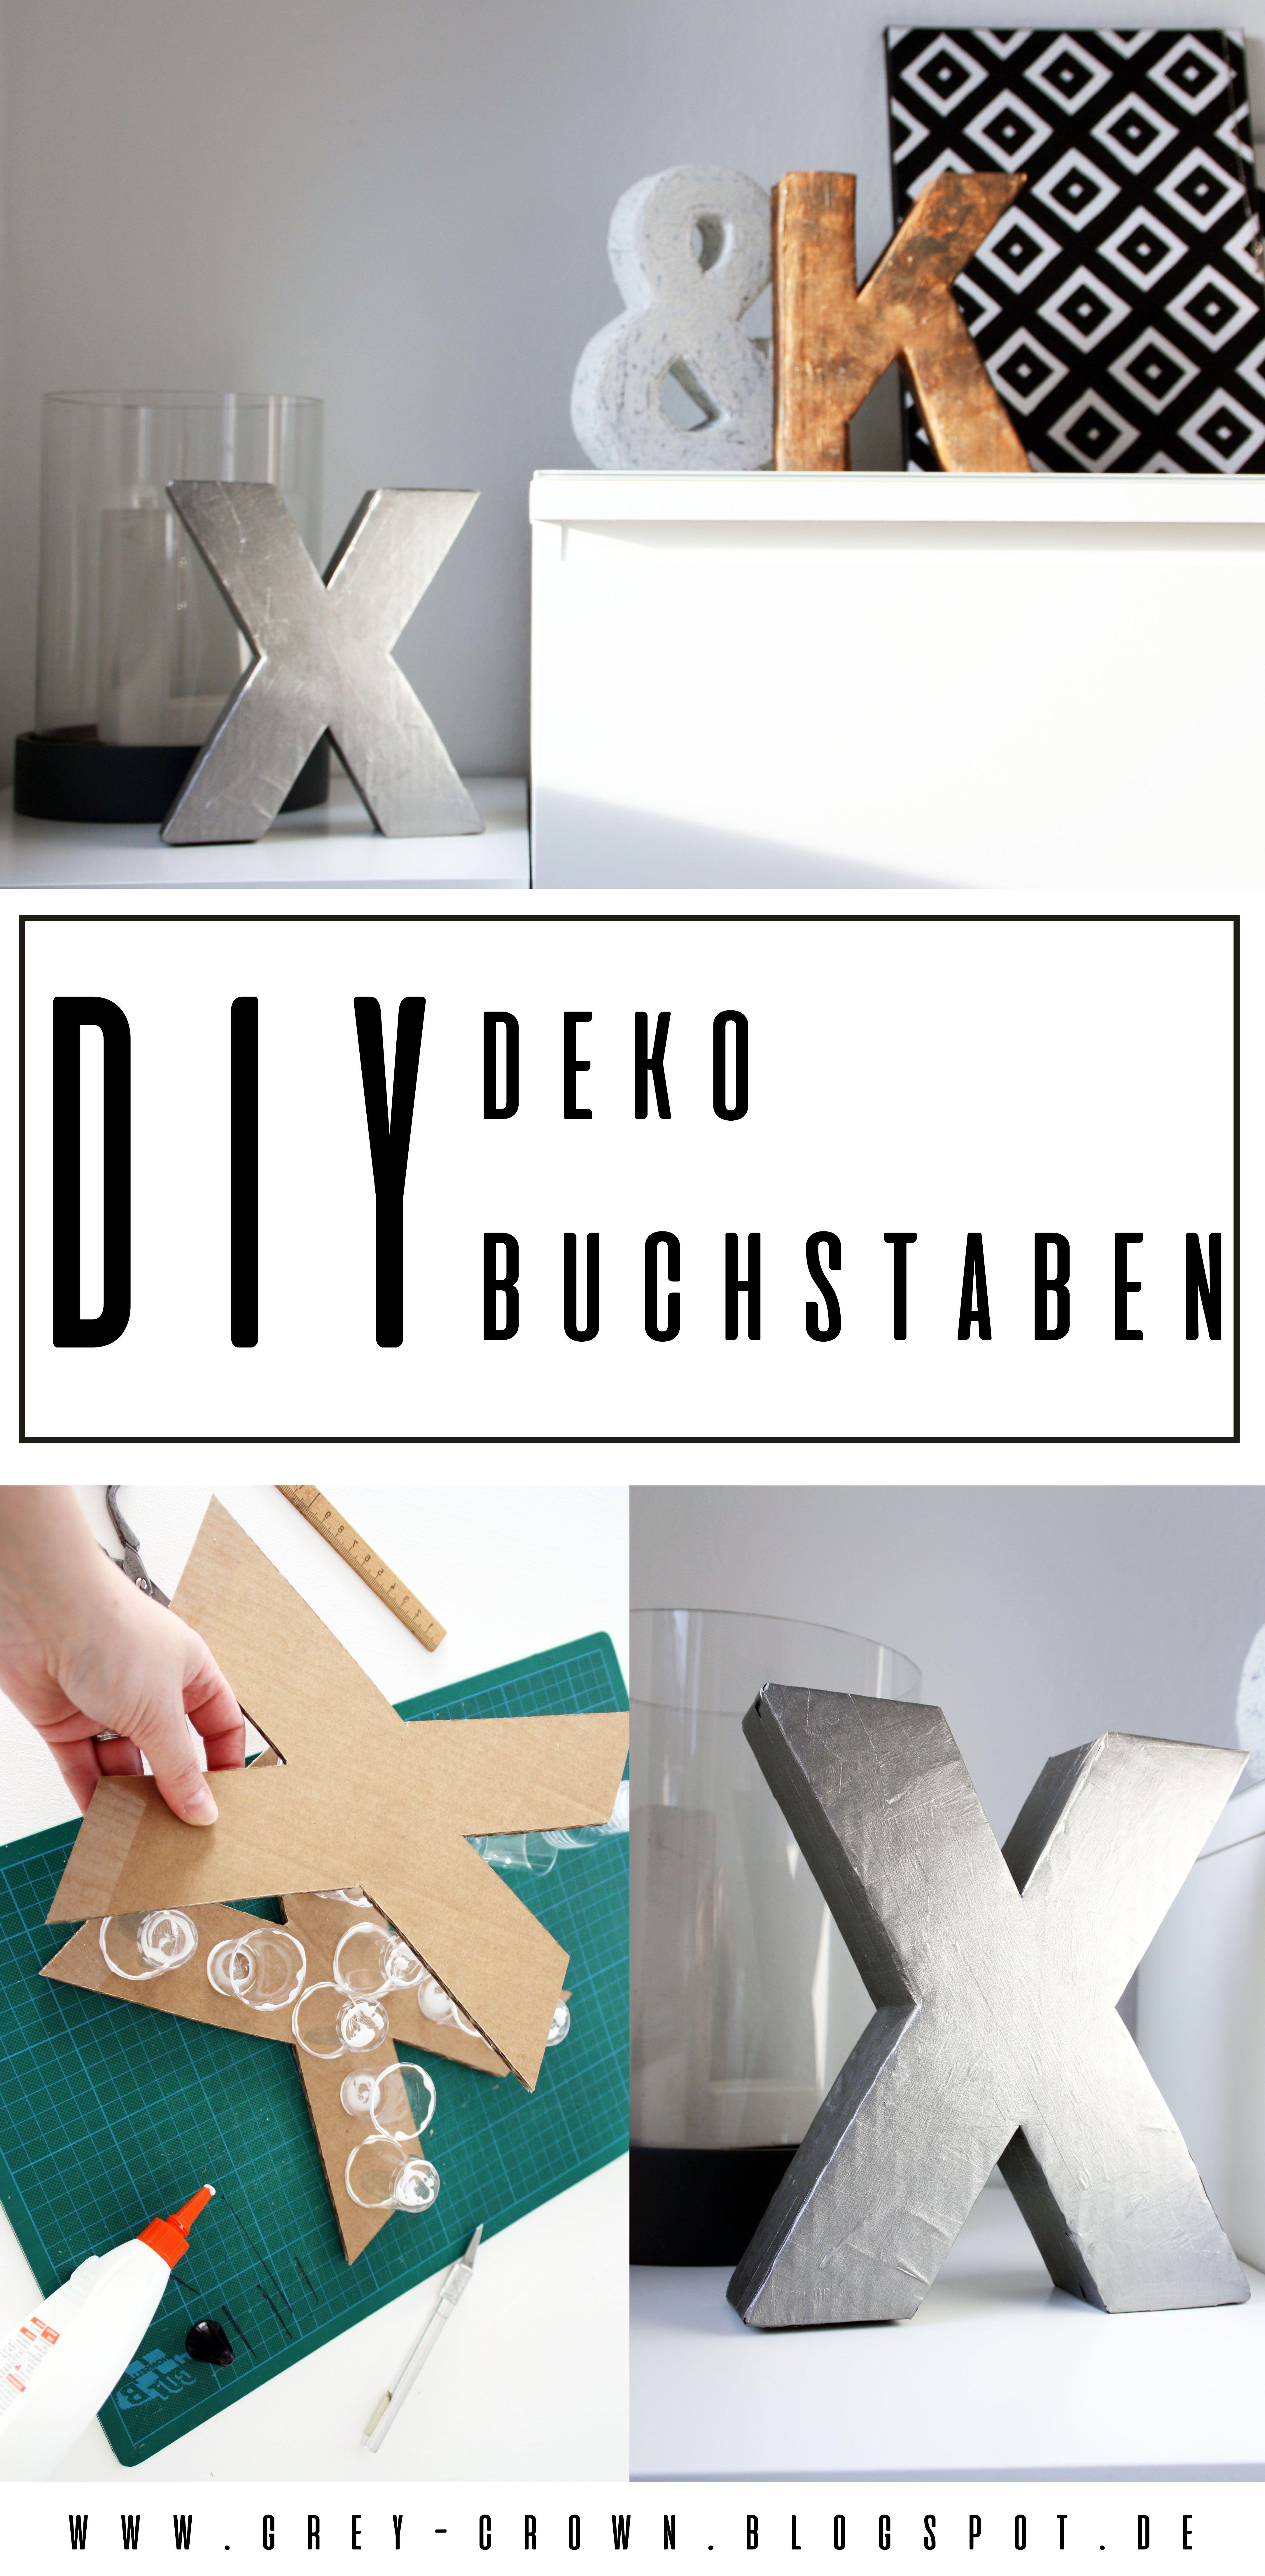 Diy Deko Buchstabe Einfach Und Schnell Selber Machen Diy Deko